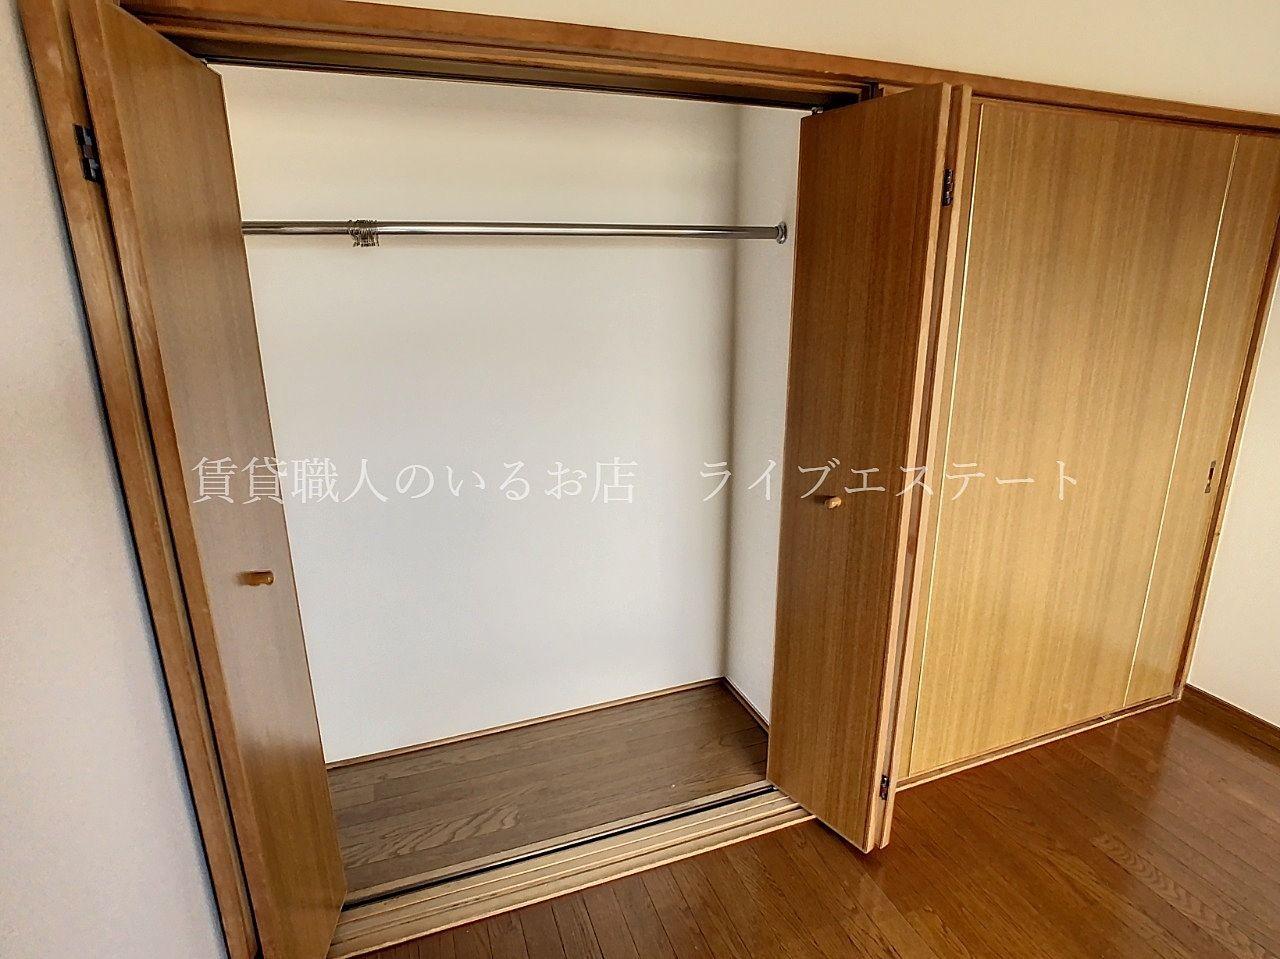 お部屋の幅の半分くらいあり、たくさんのお洋服を掛けて収納できます